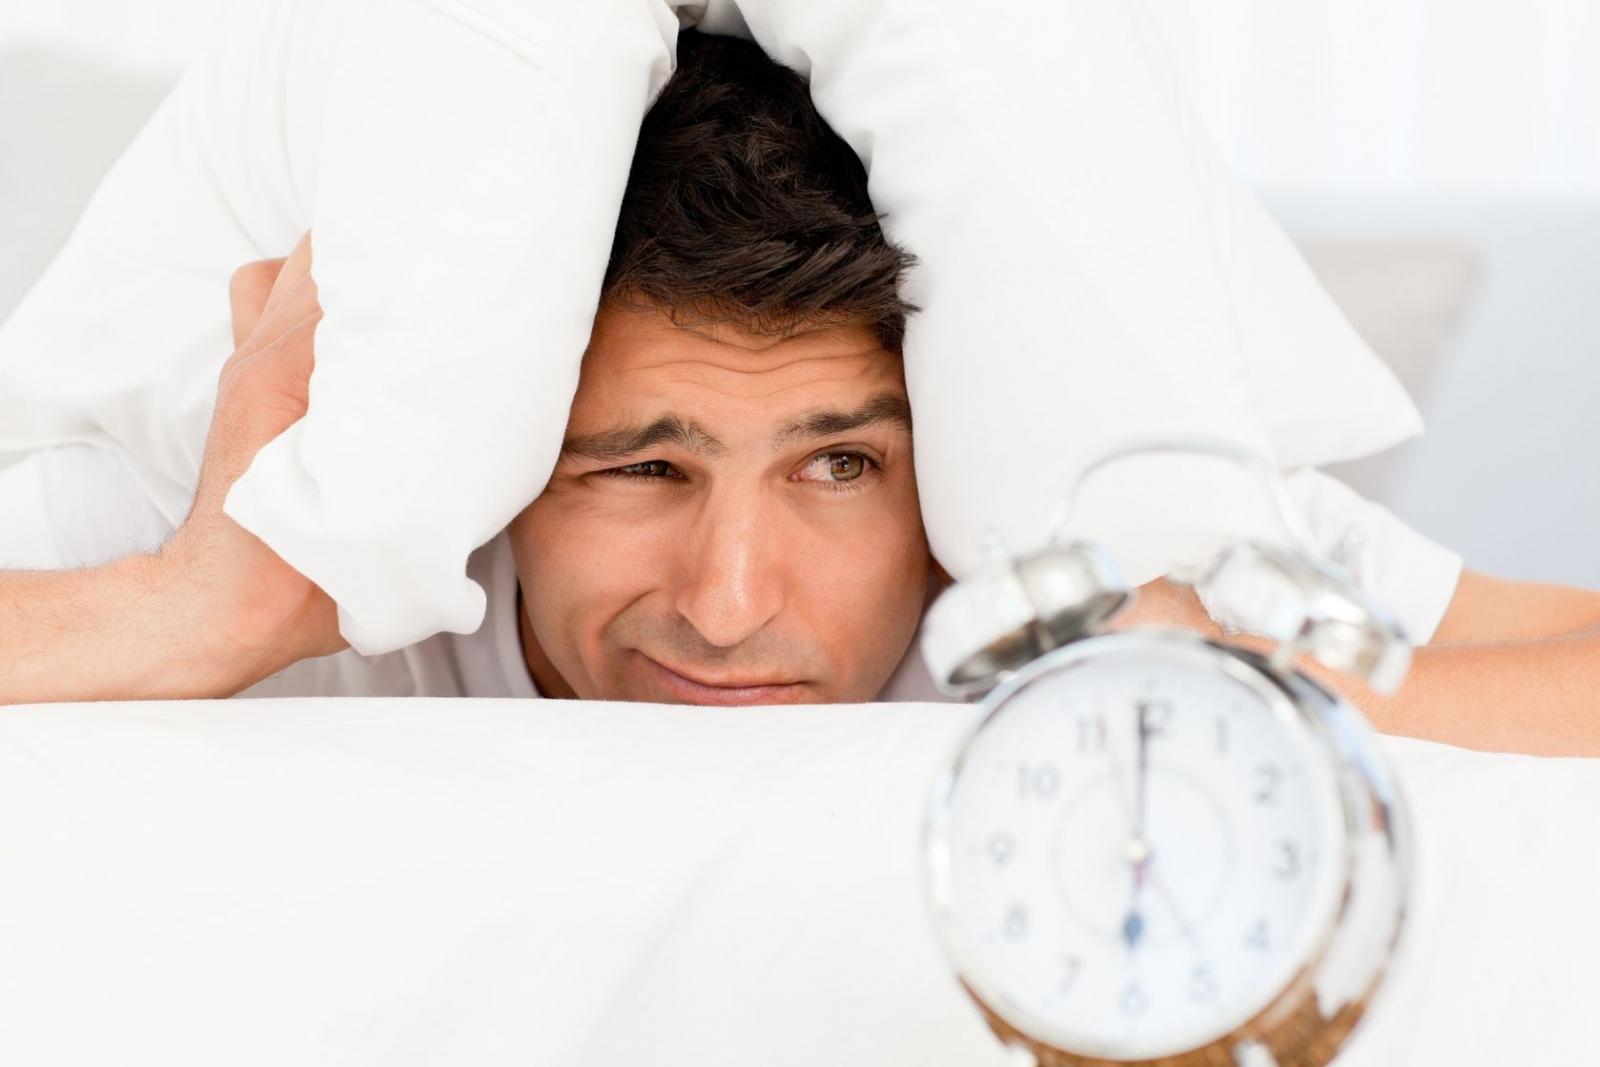 8 روش خوب برای اینکه صبح ها زود از خواب بیدار شوید